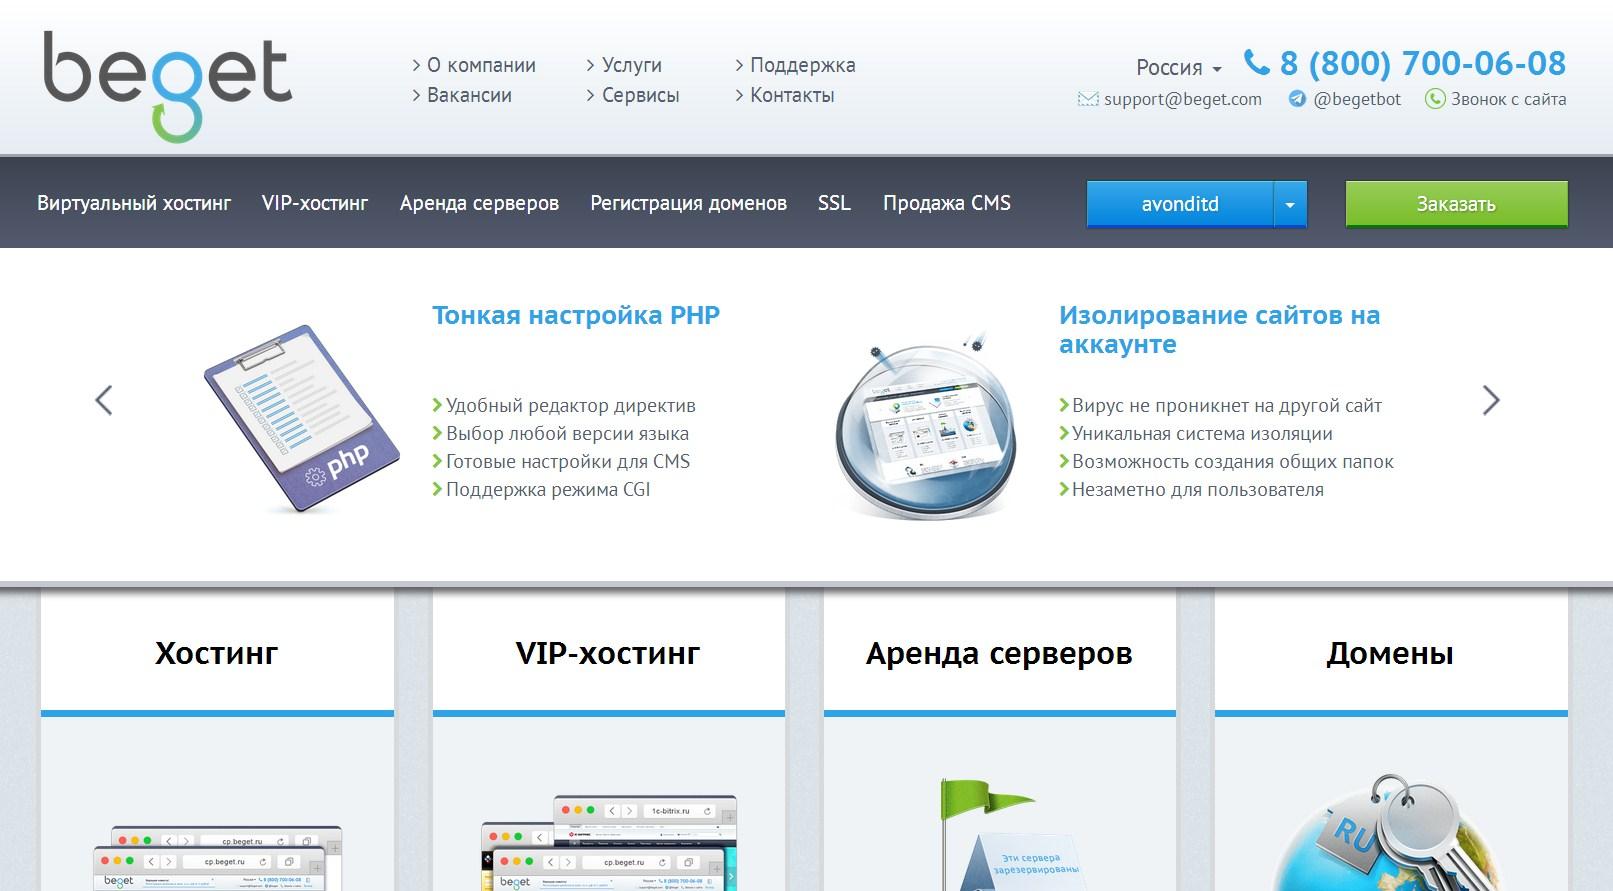 Хостинги для i u как добавить сайты на хостинг